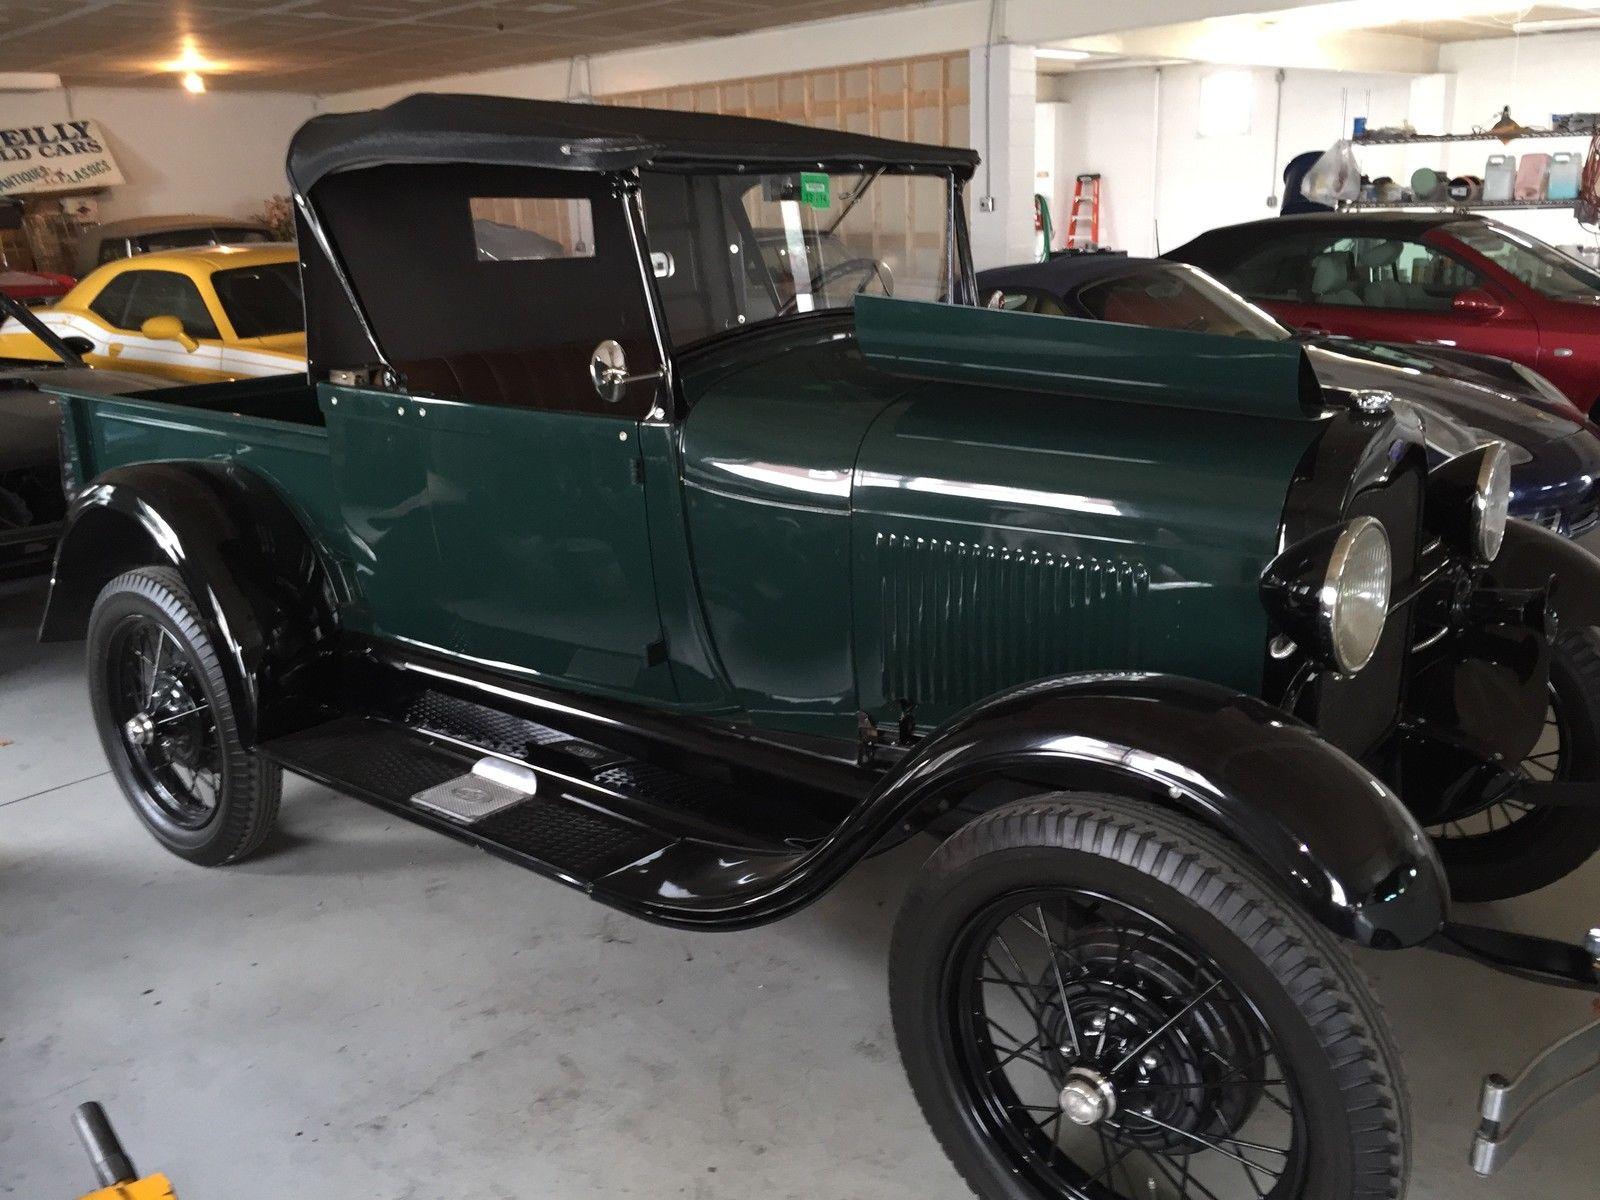 ford 1929 model a roadster pickup truck. Black Bedroom Furniture Sets. Home Design Ideas